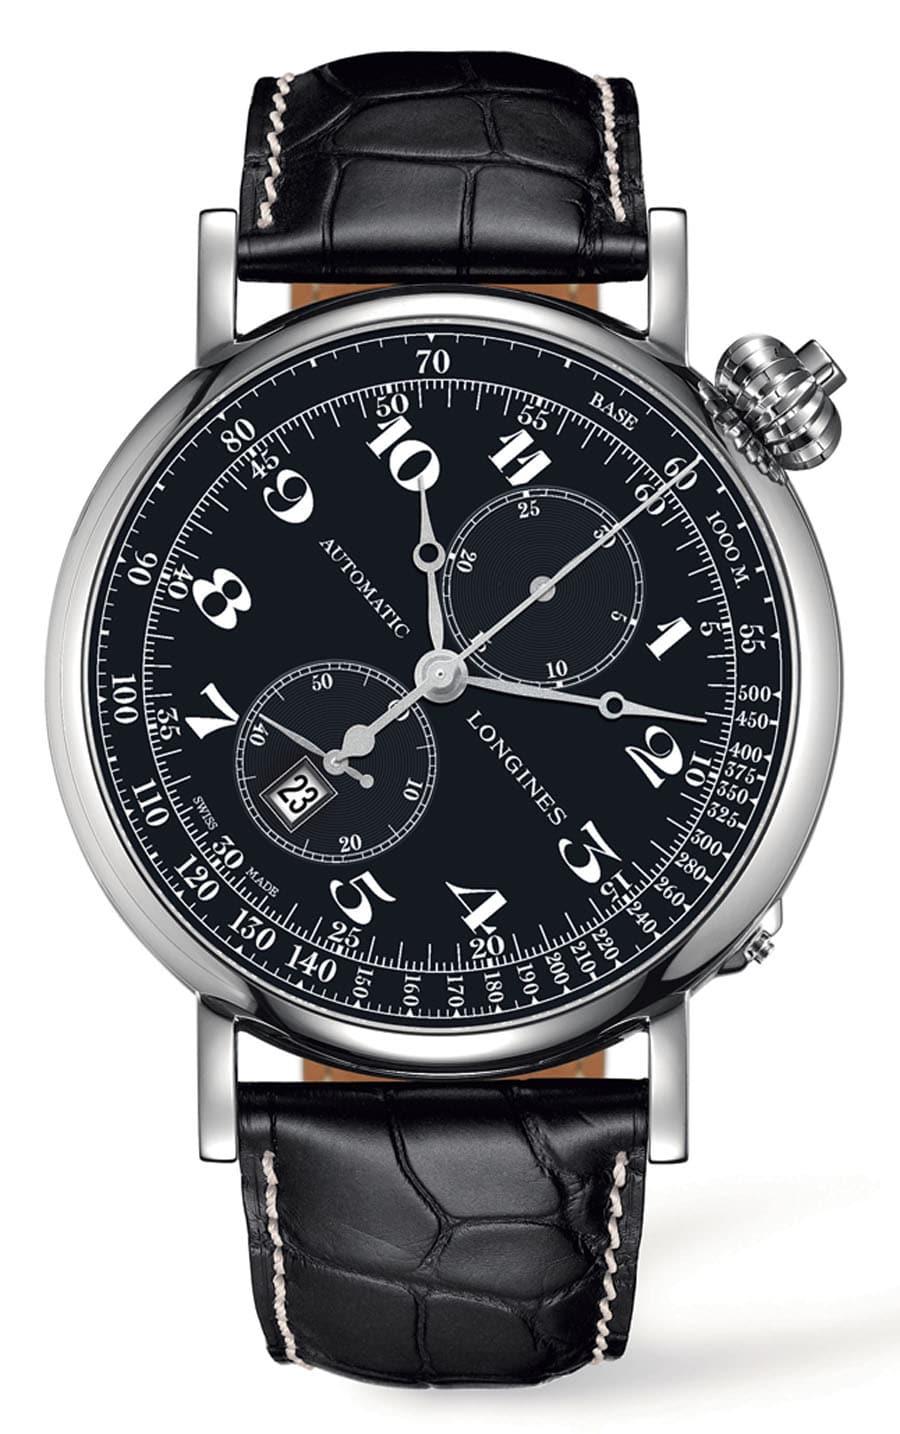 Uhren-Ikonen und ihre Alternativen: Longines Avigation Watch type A-7